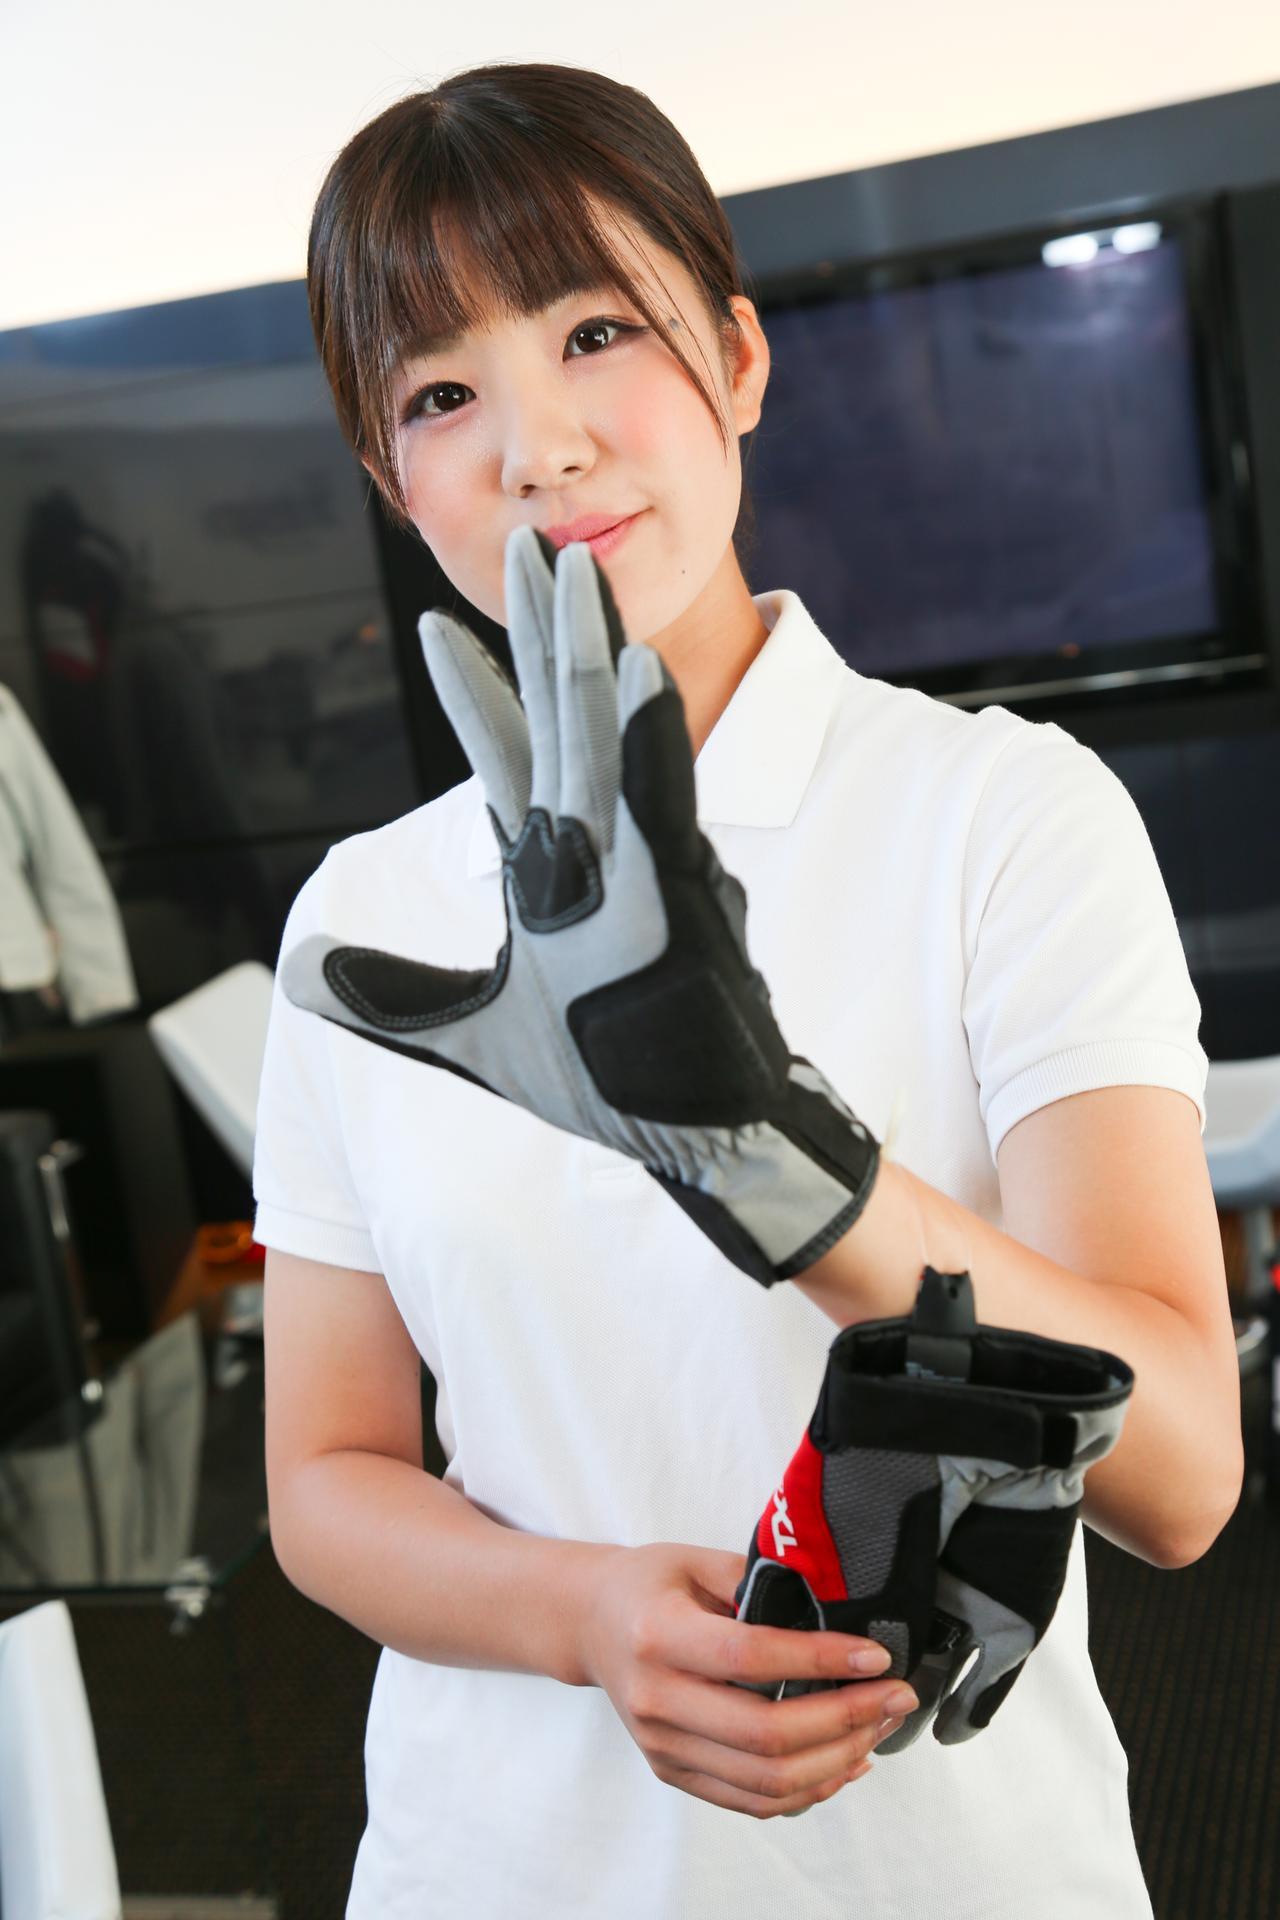 Images : 7番目の画像 - 「「56design☆2020年シーズン向け展示会」を、たっぷり楽しんできました!(梅本まどか)」のアルバム - webオートバイ